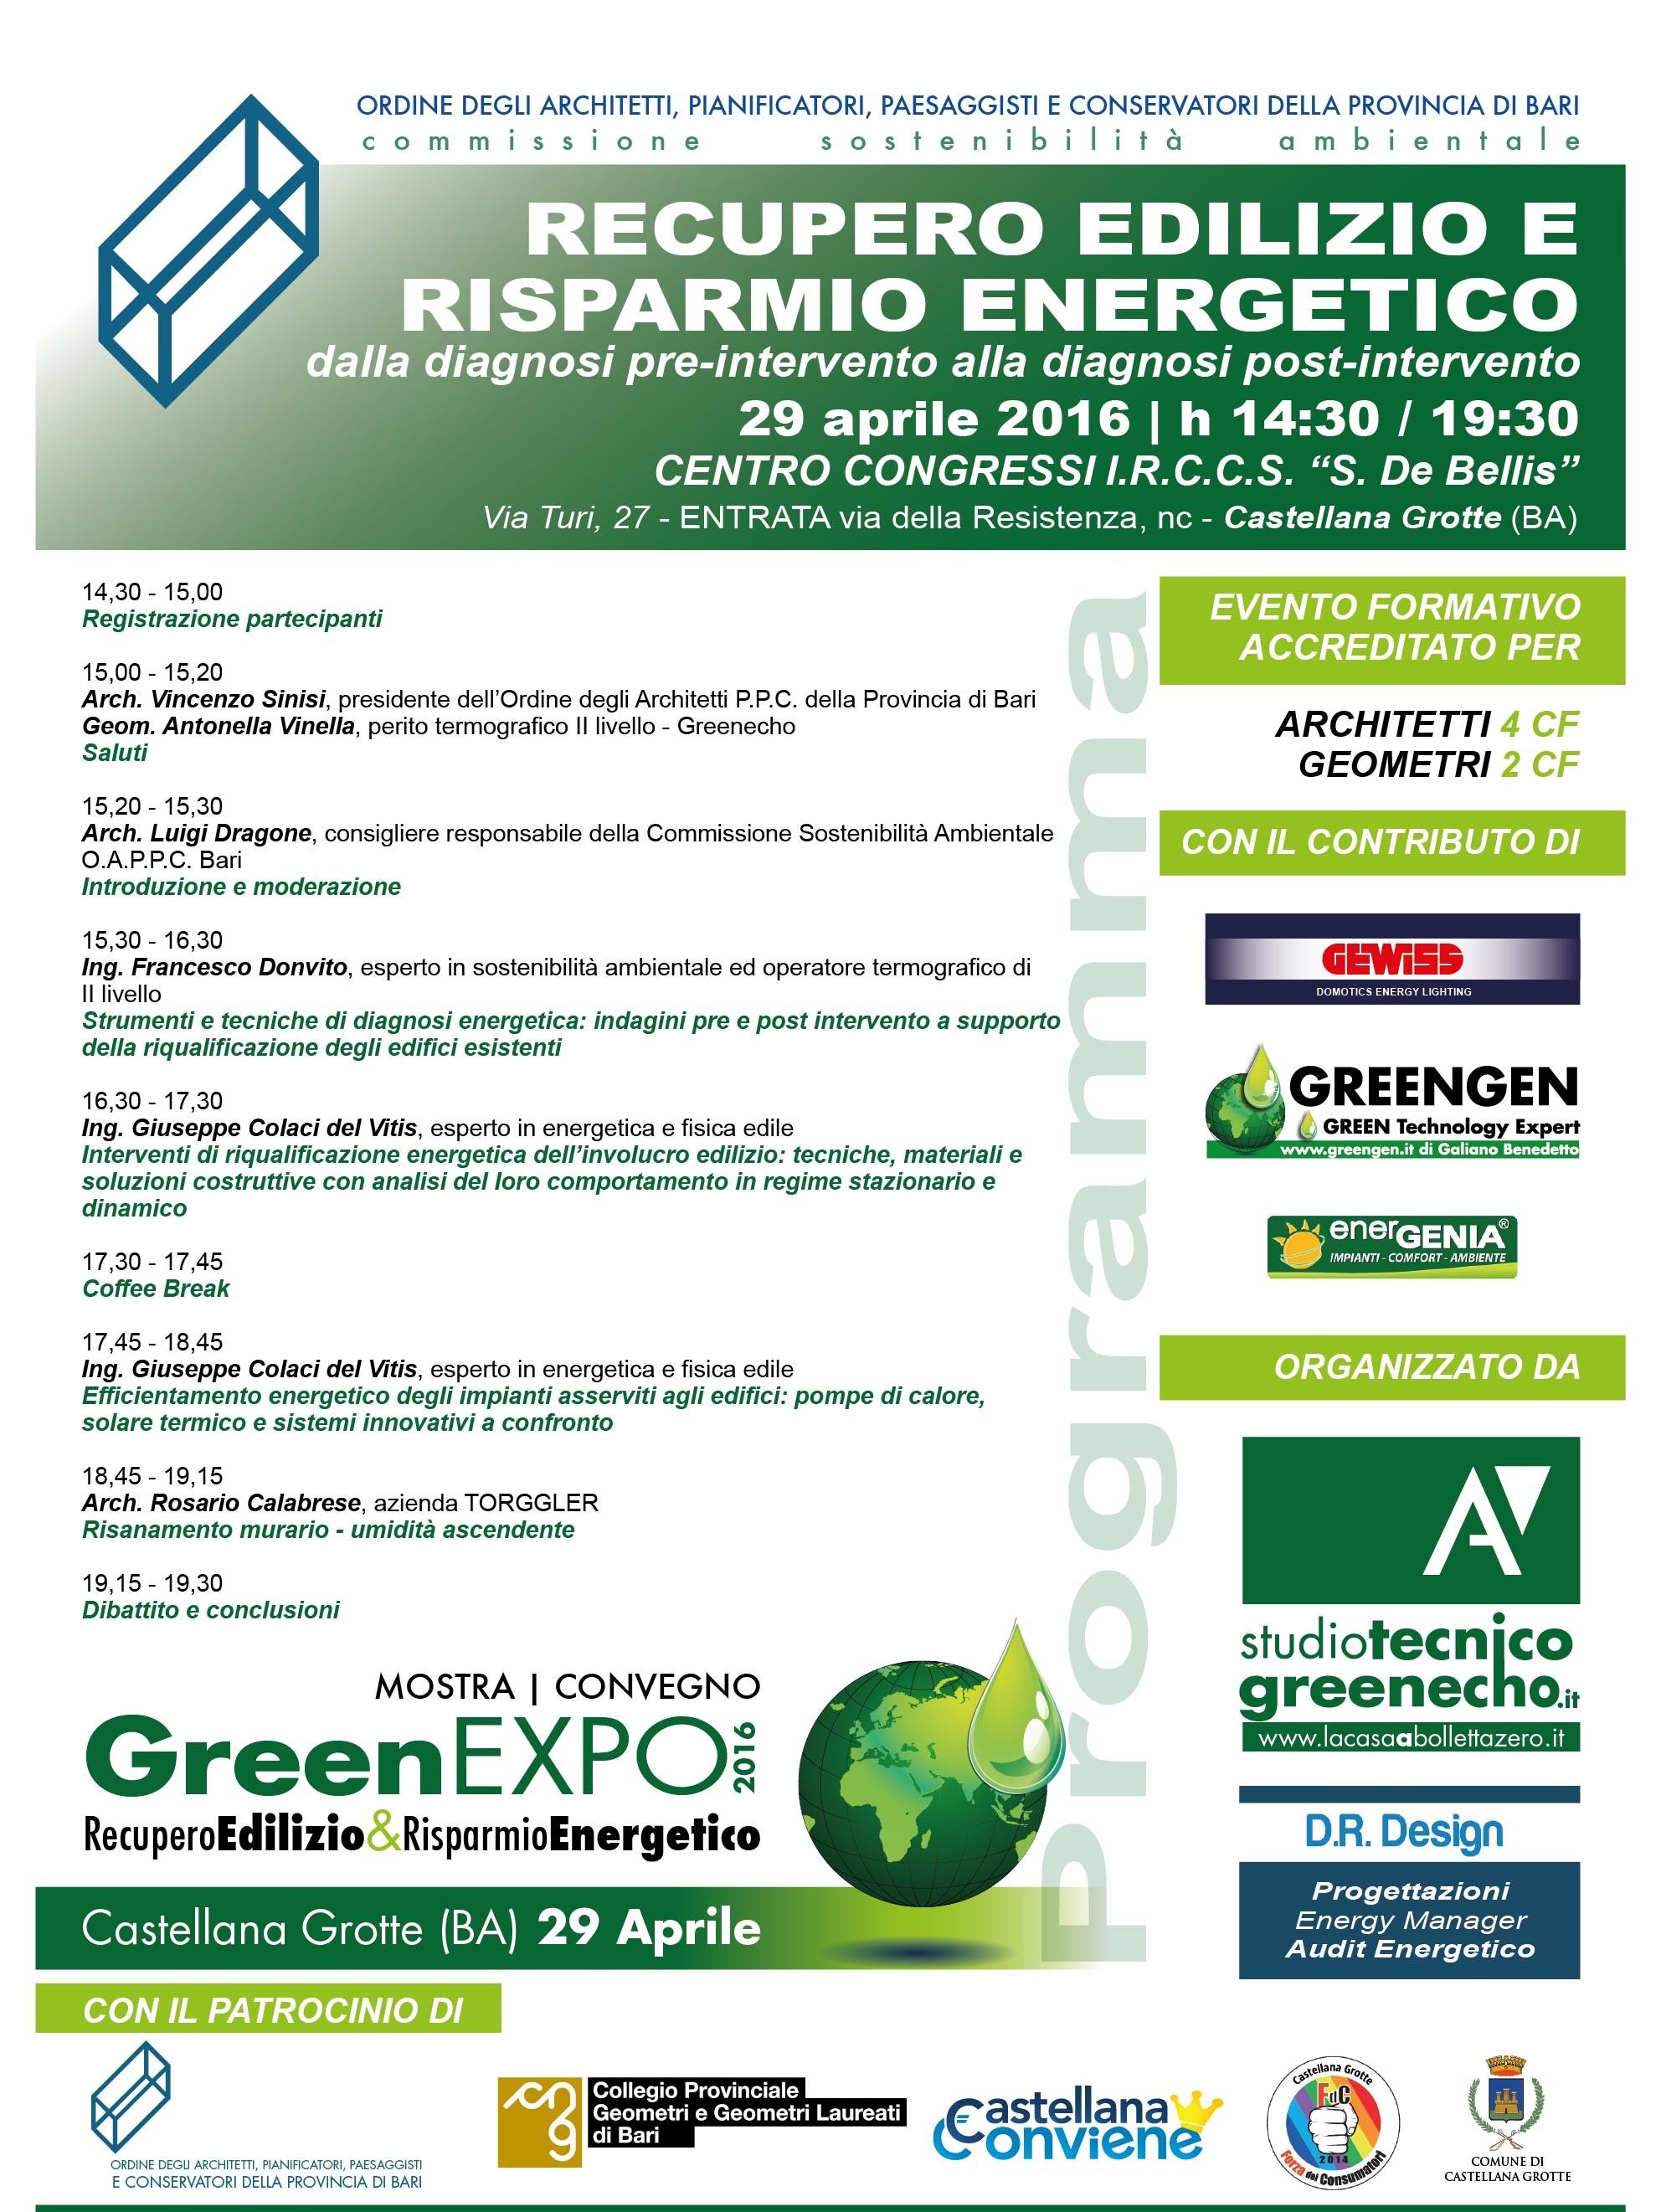 LOCANDINA-greenexpo-2 (2).jpg